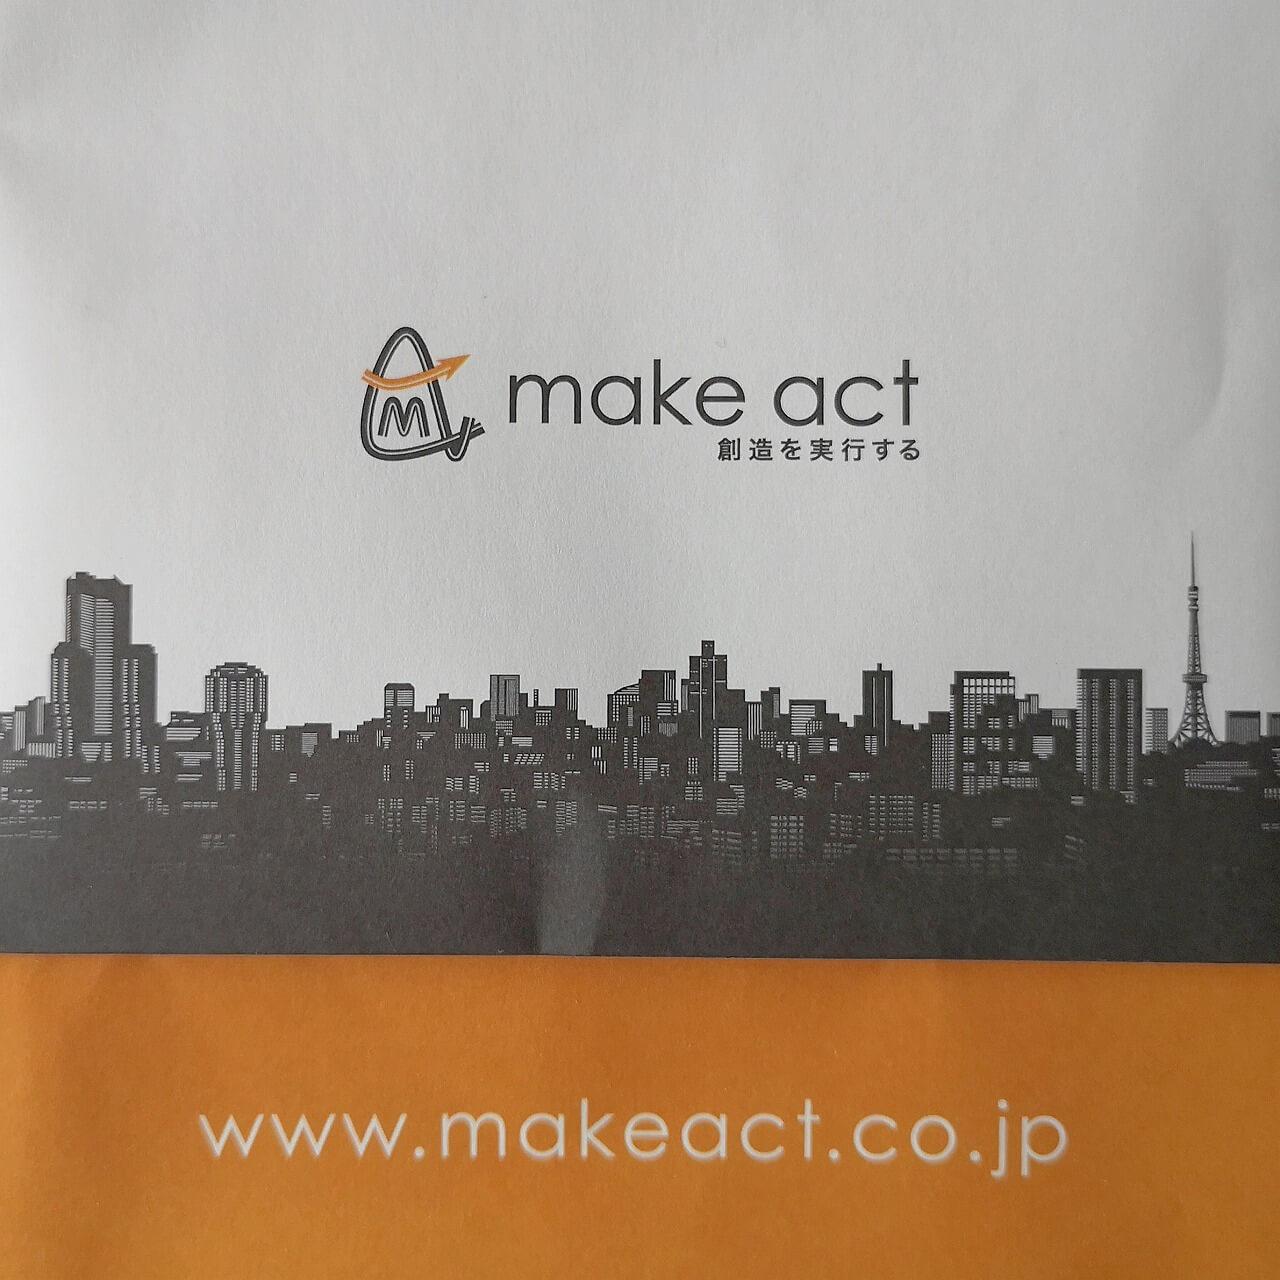 makeact